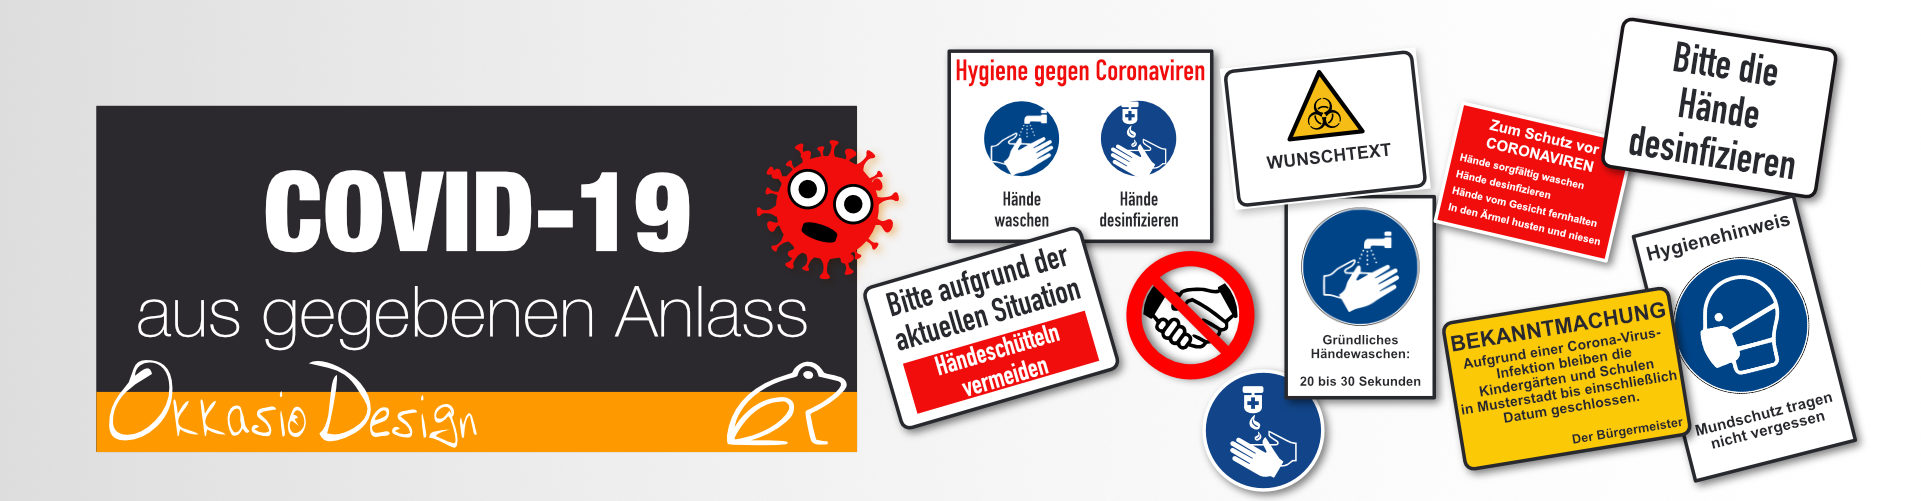 Hinweisaufkler, Hinweisschilder zur Information über Hygiene und Schutzmaßnahmen